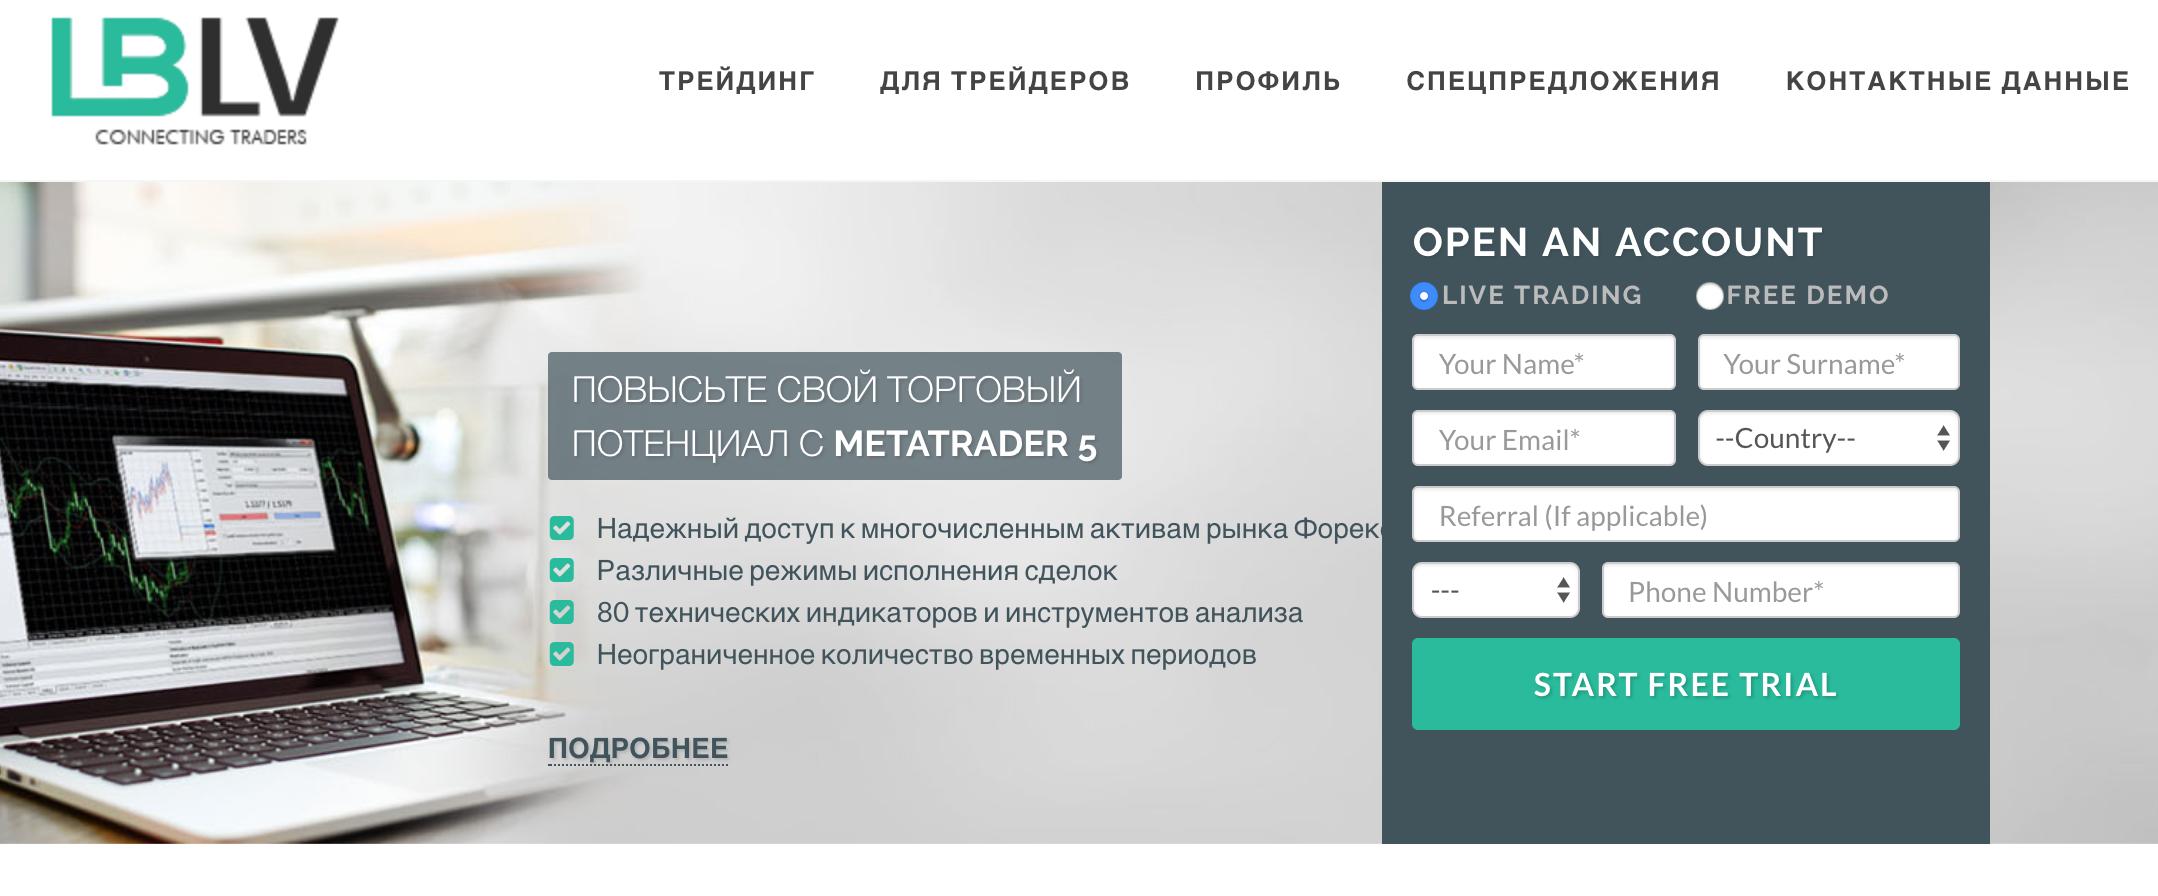 LBLV - форекс брокер, сырьевые товары, индексы и акции